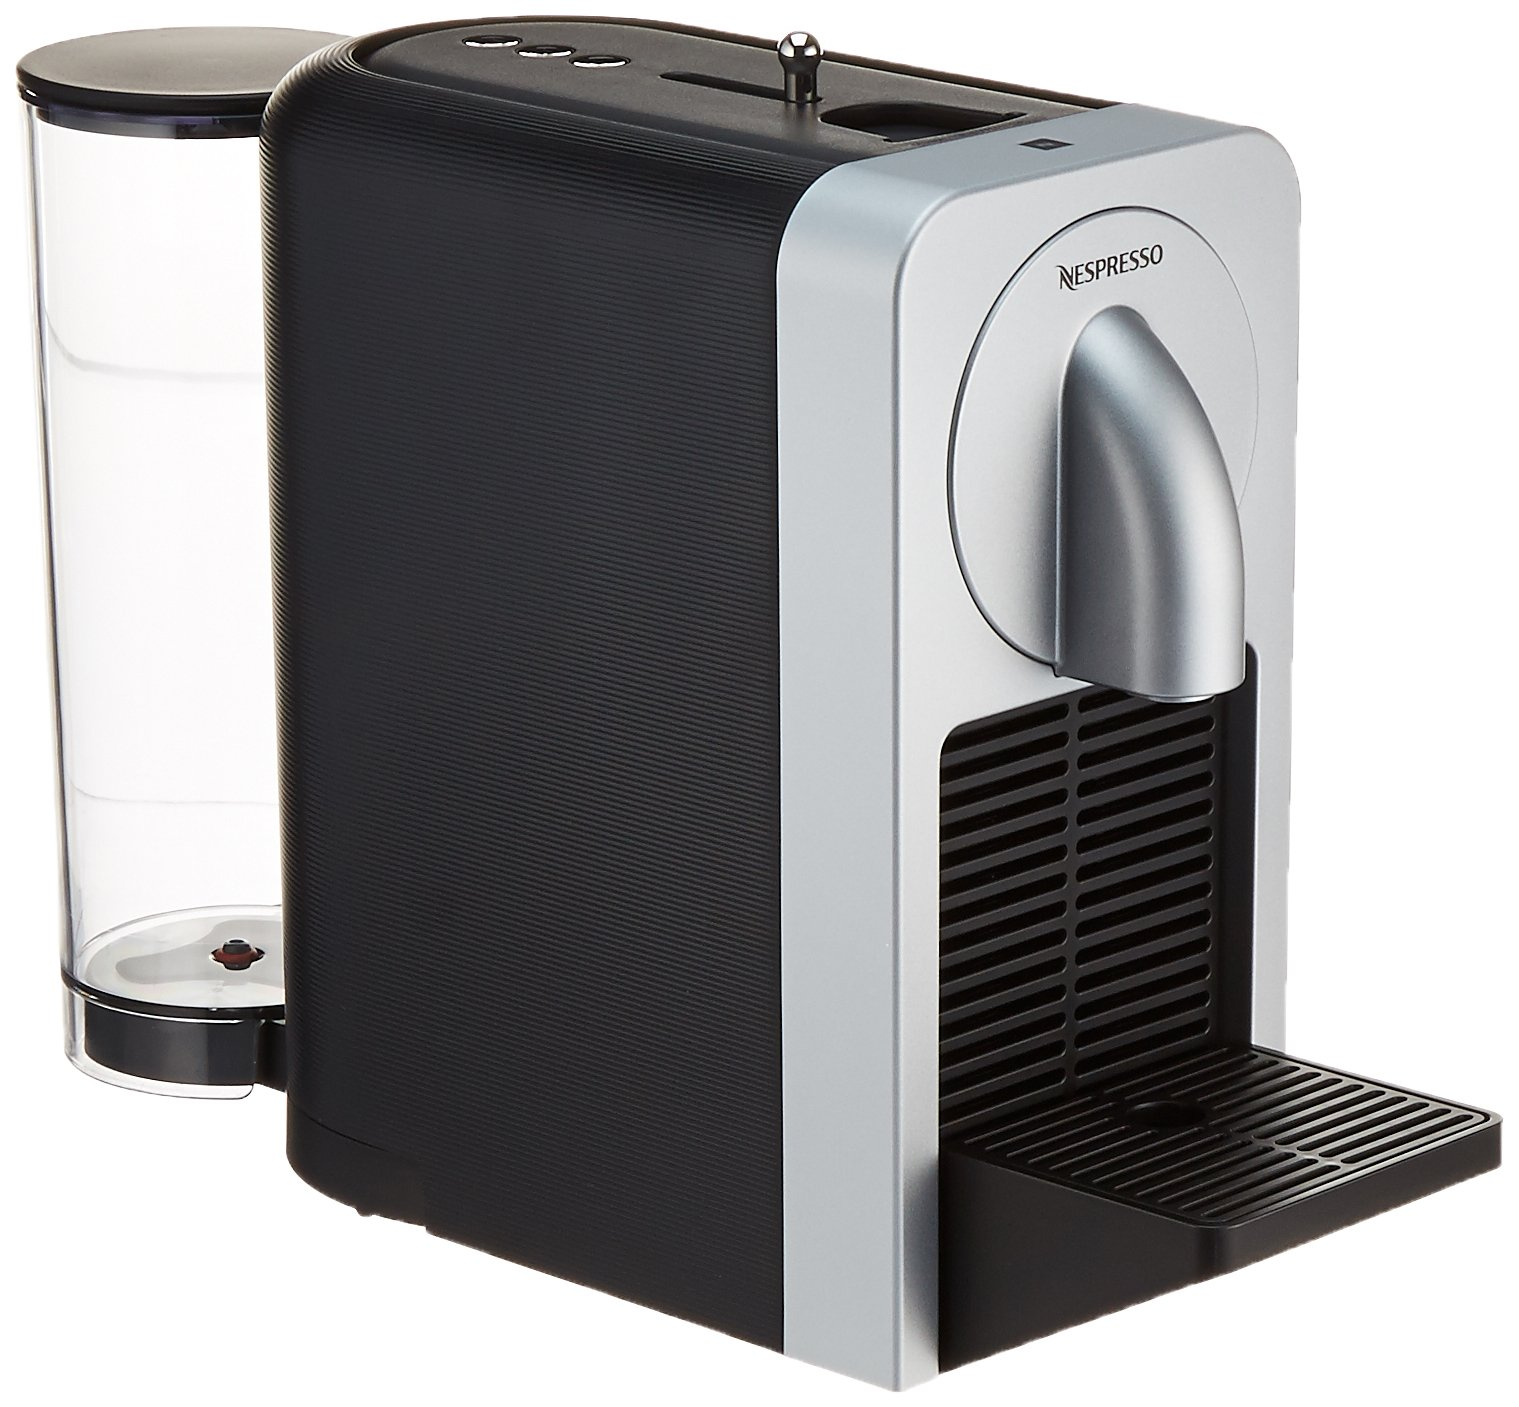 Nespresso D70-US-SI-NE Prodigio Espresso Maker, Silver by Nestle Nespresso